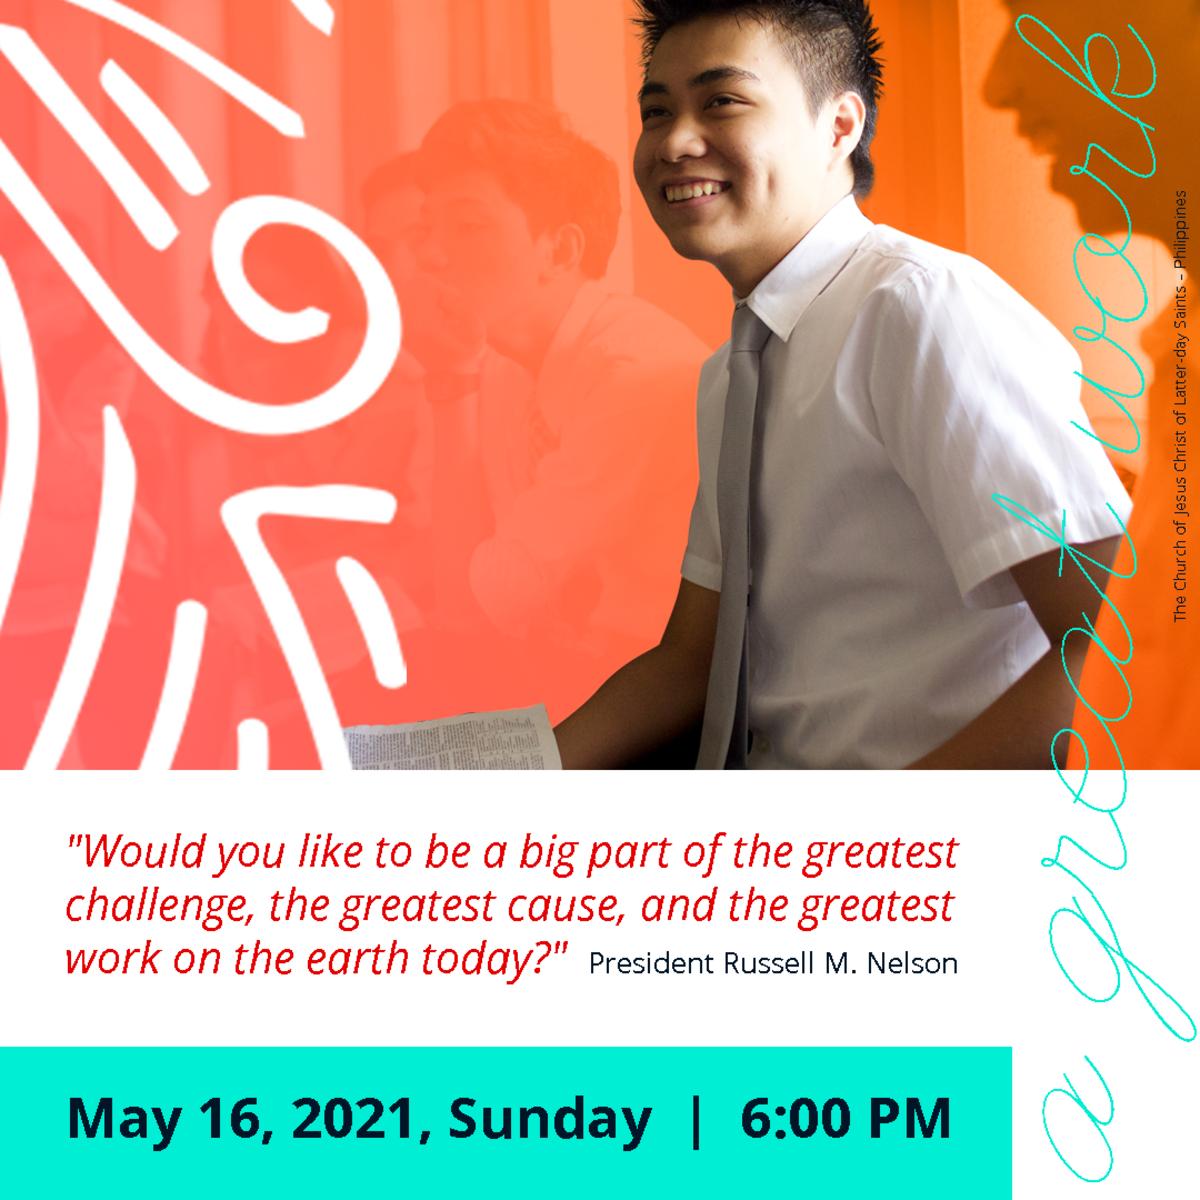 4600 event invite